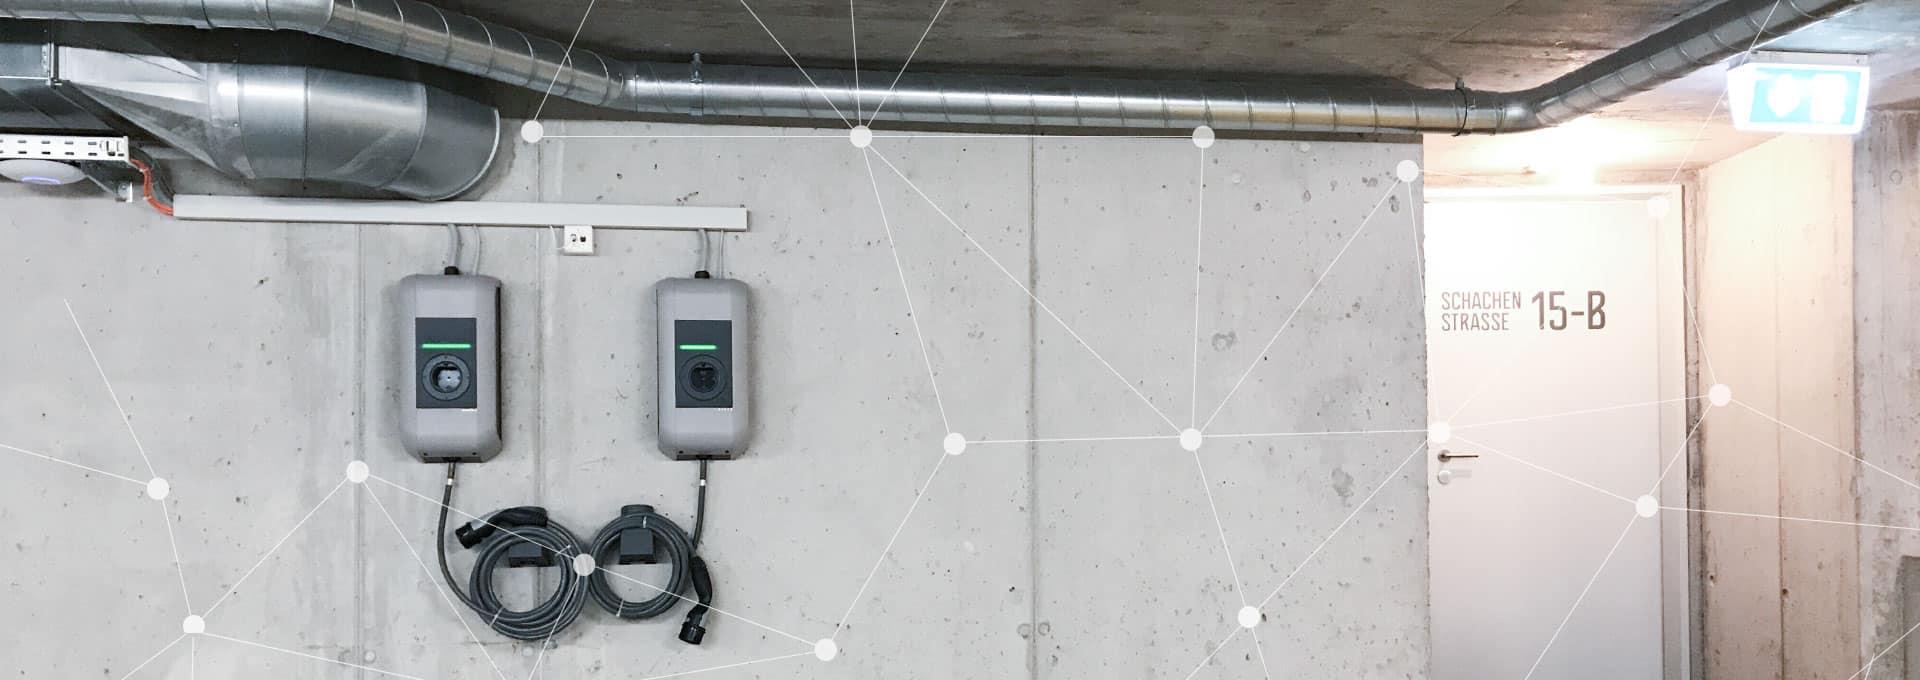 intelligente systemarchitektur elektroplanungvelektroauto ladestation lastmanagement baugenossenschaft wohnwerk luzern elmaplan ag